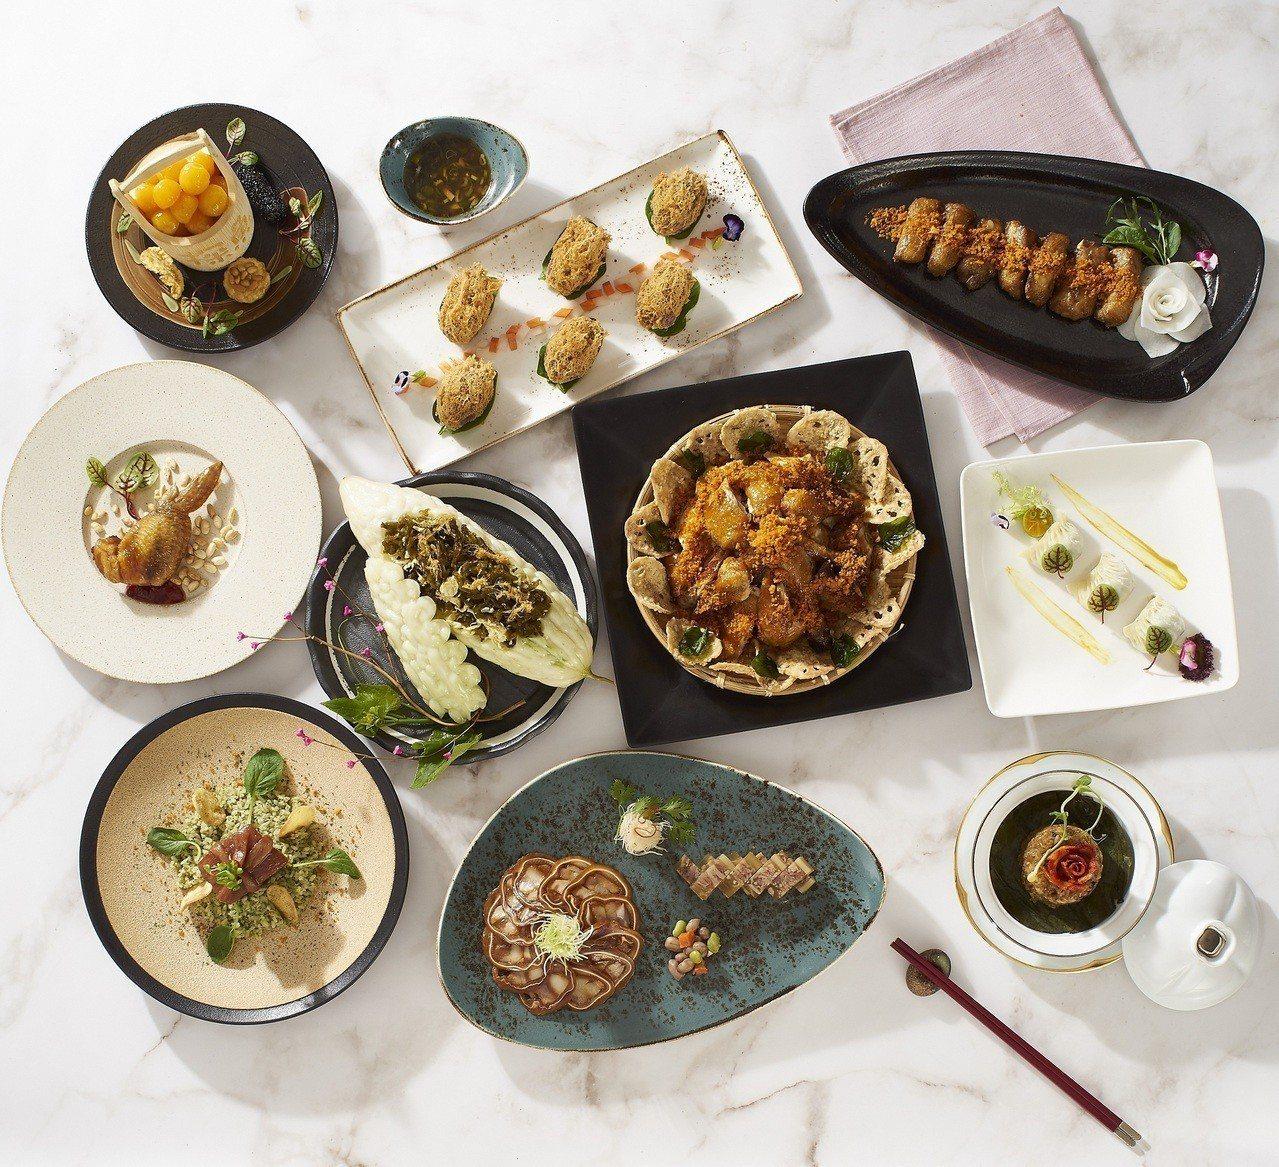 「傳承1/4世紀風華」菜單,囊括現今難得品嚐到的中菜八大菜系中的經典功夫名菜,橫...